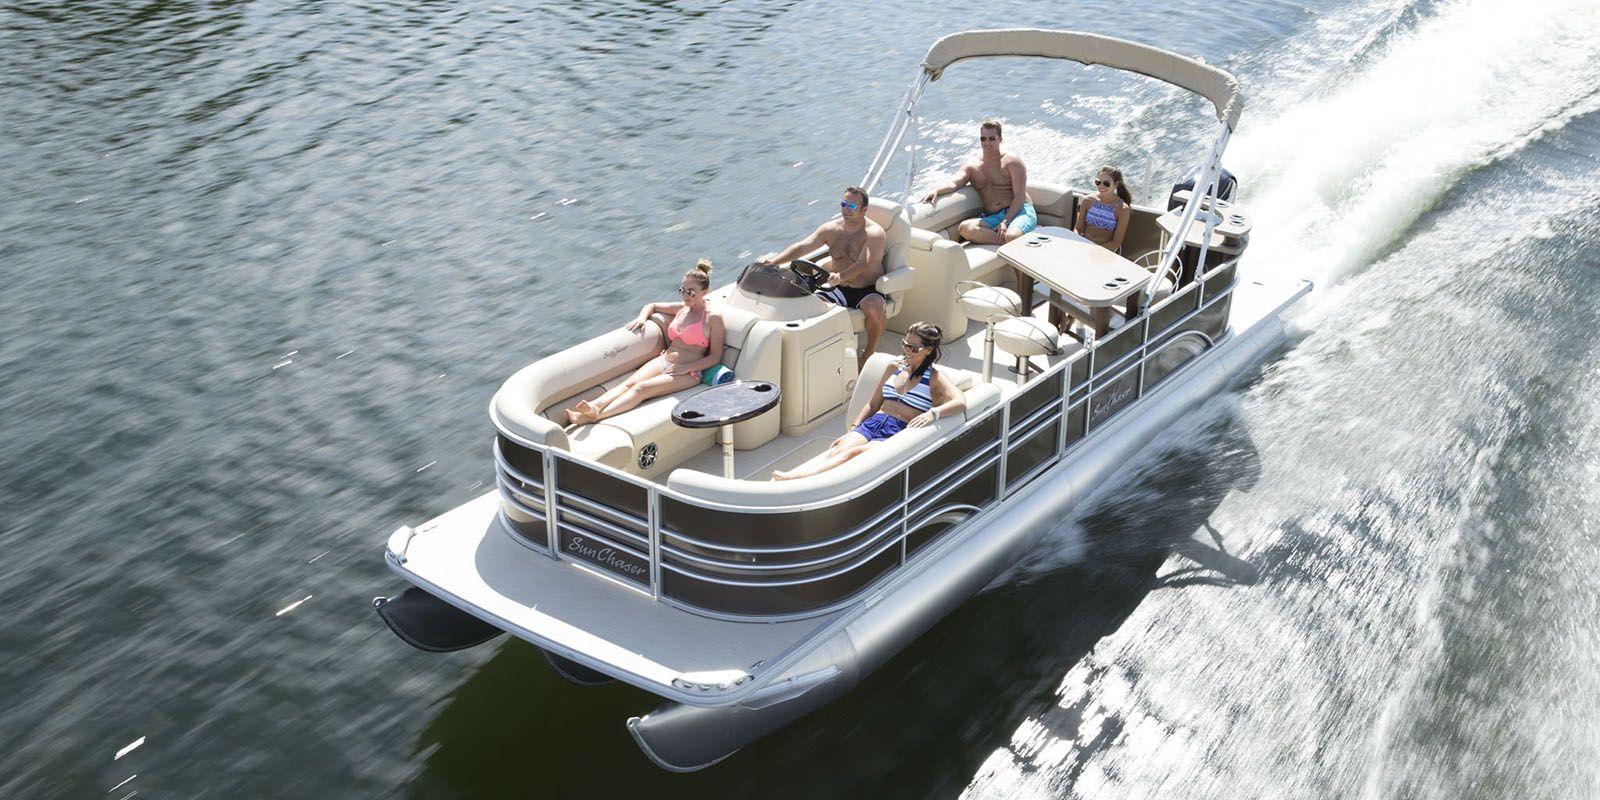 private boat hire in goa